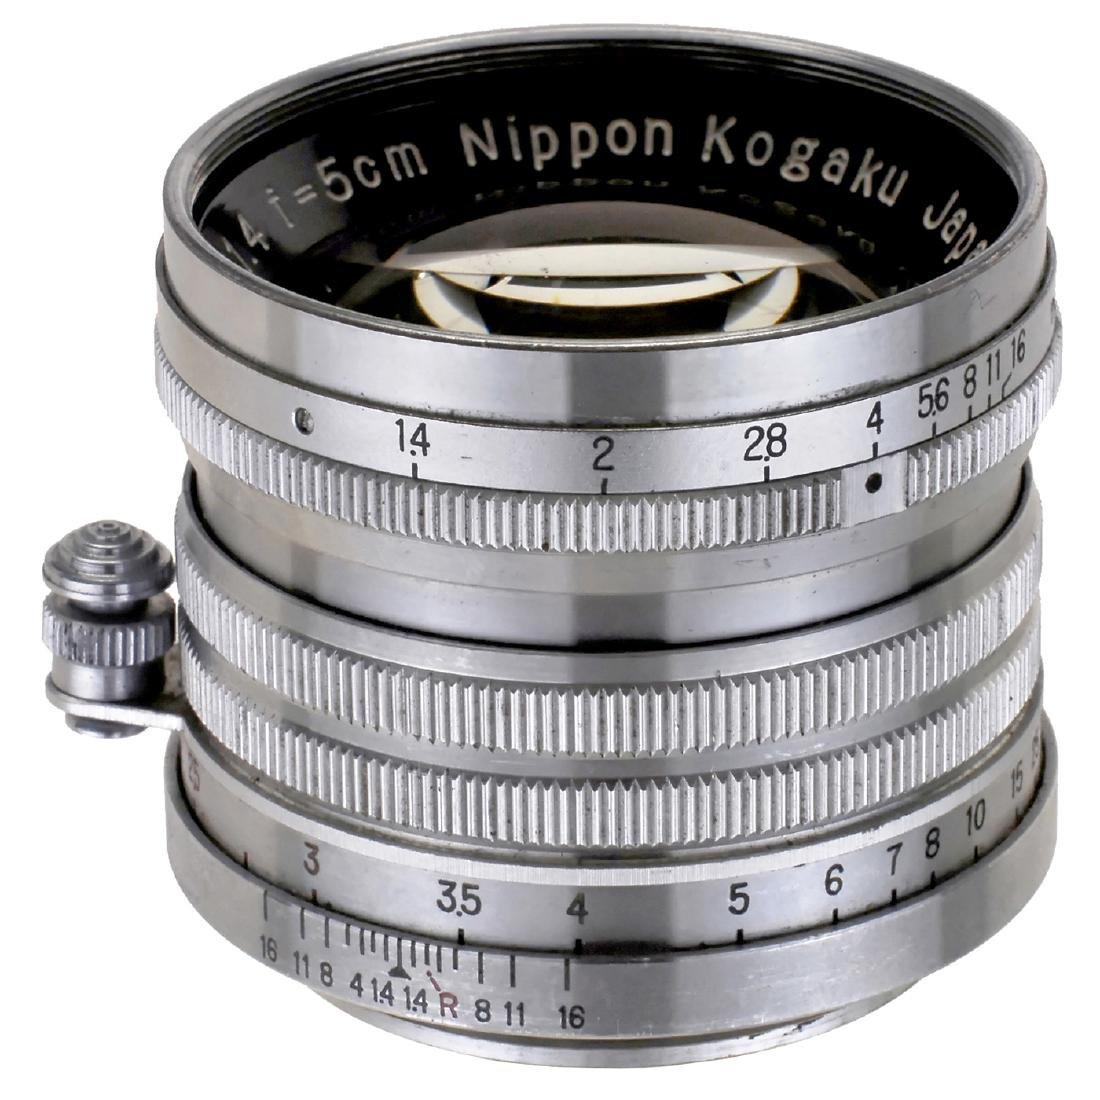 Nikkor-S.C 1,4/5 cm for Leica Screw-Mount, c. 1953